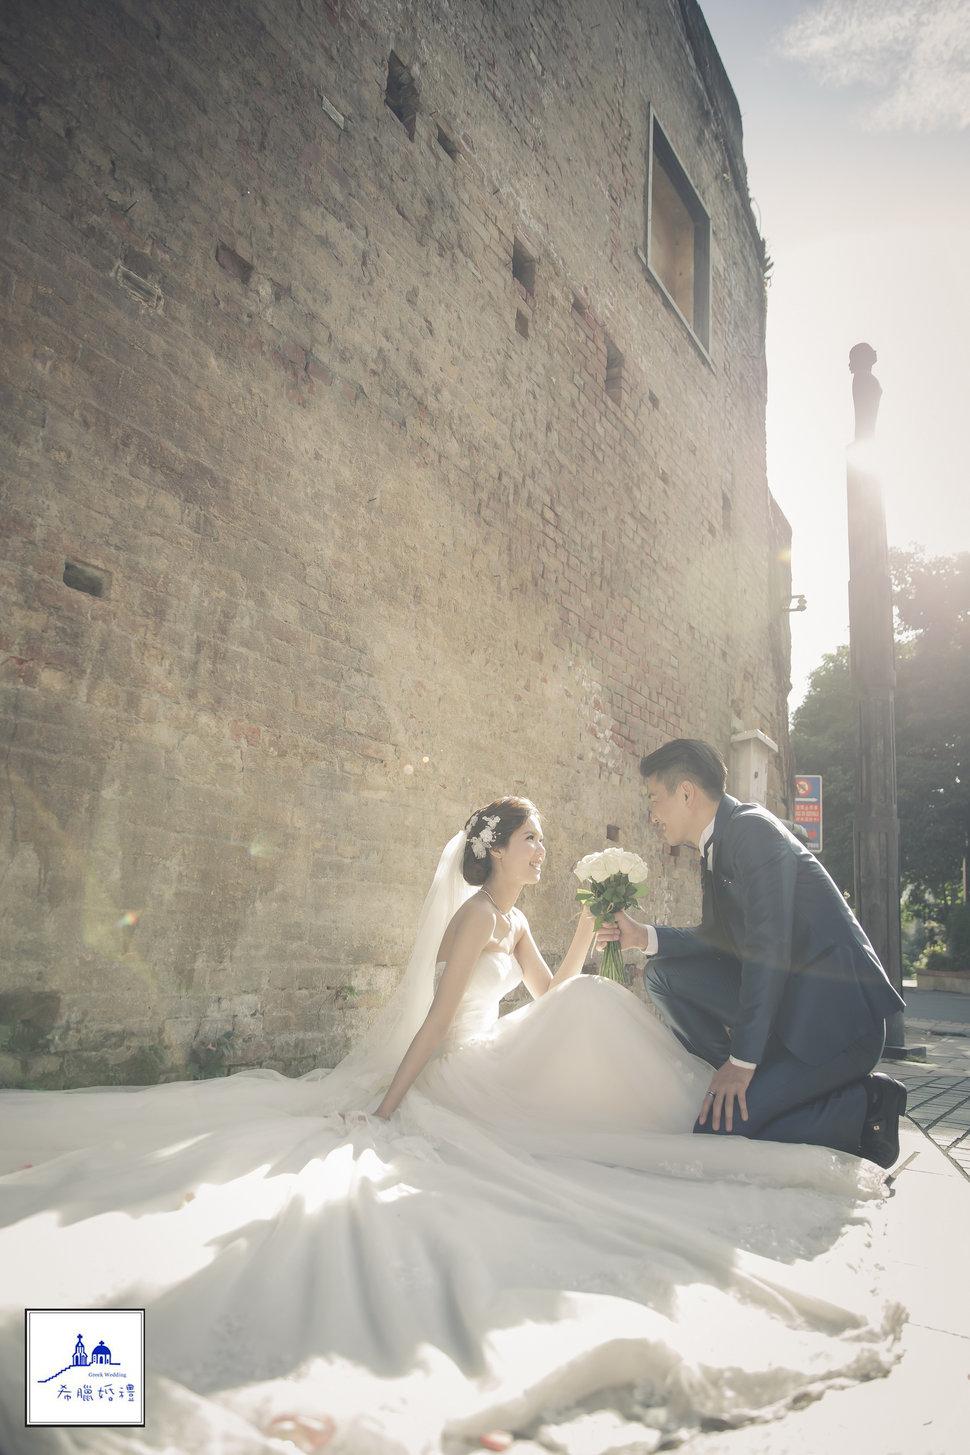 希臘婚禮新人分享~亮&菁(編號:428114) - 希臘婚禮  婚紗  攝影 - 結婚吧一站式婚禮服務平台